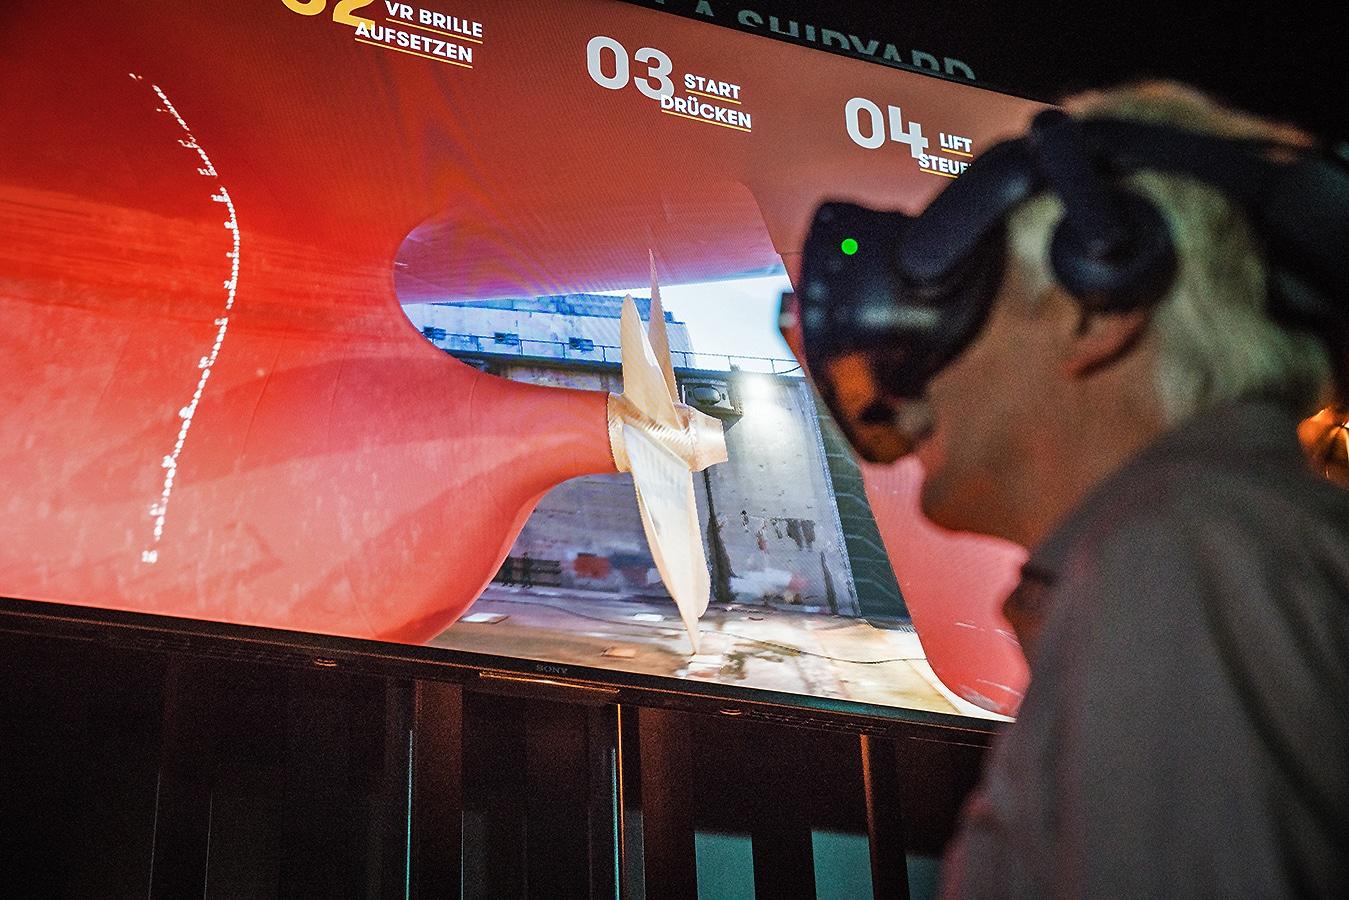 Mit einer VR-Brille stellst du dich mitten ins Dock Elbe 17